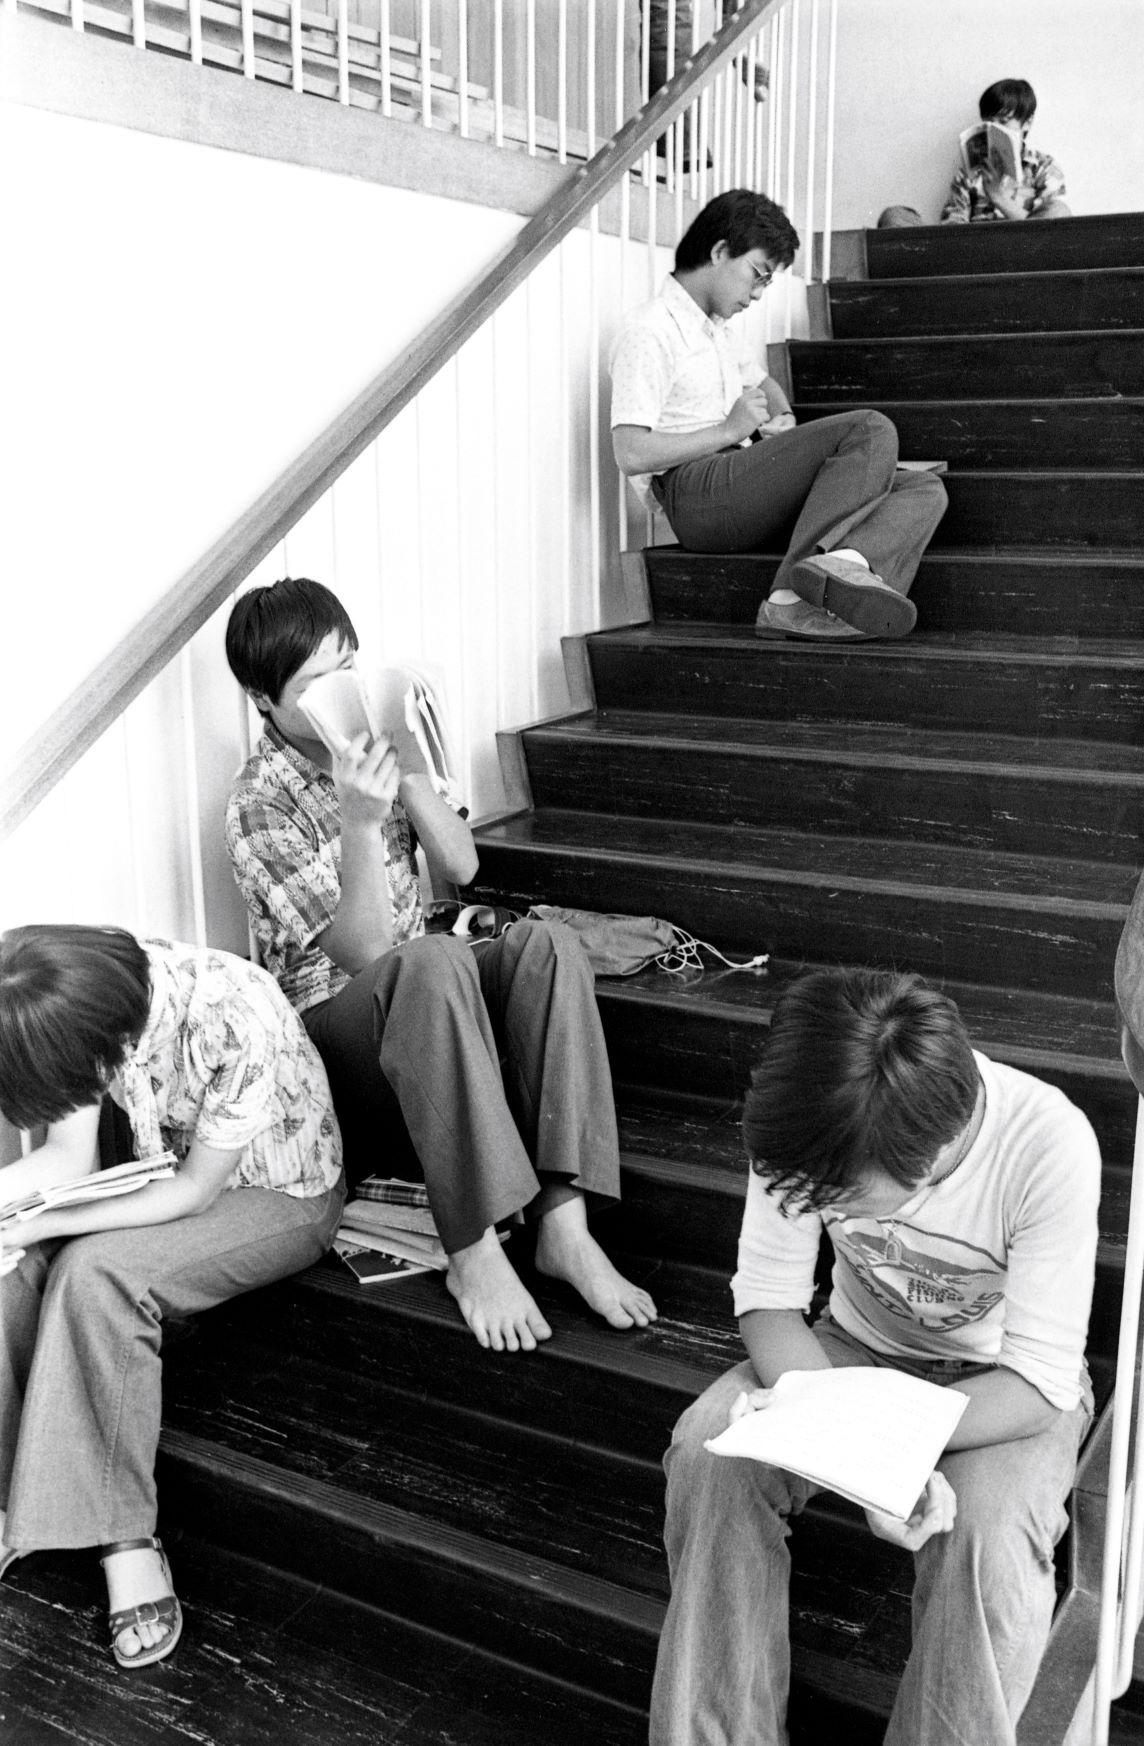 學生珍惜讀書機會,考好校內考試,考好會考,晉升大學,成為基層上流的一扇窗。1977年在大會堂梯間讀書的學生。(圖片來源:Getty)